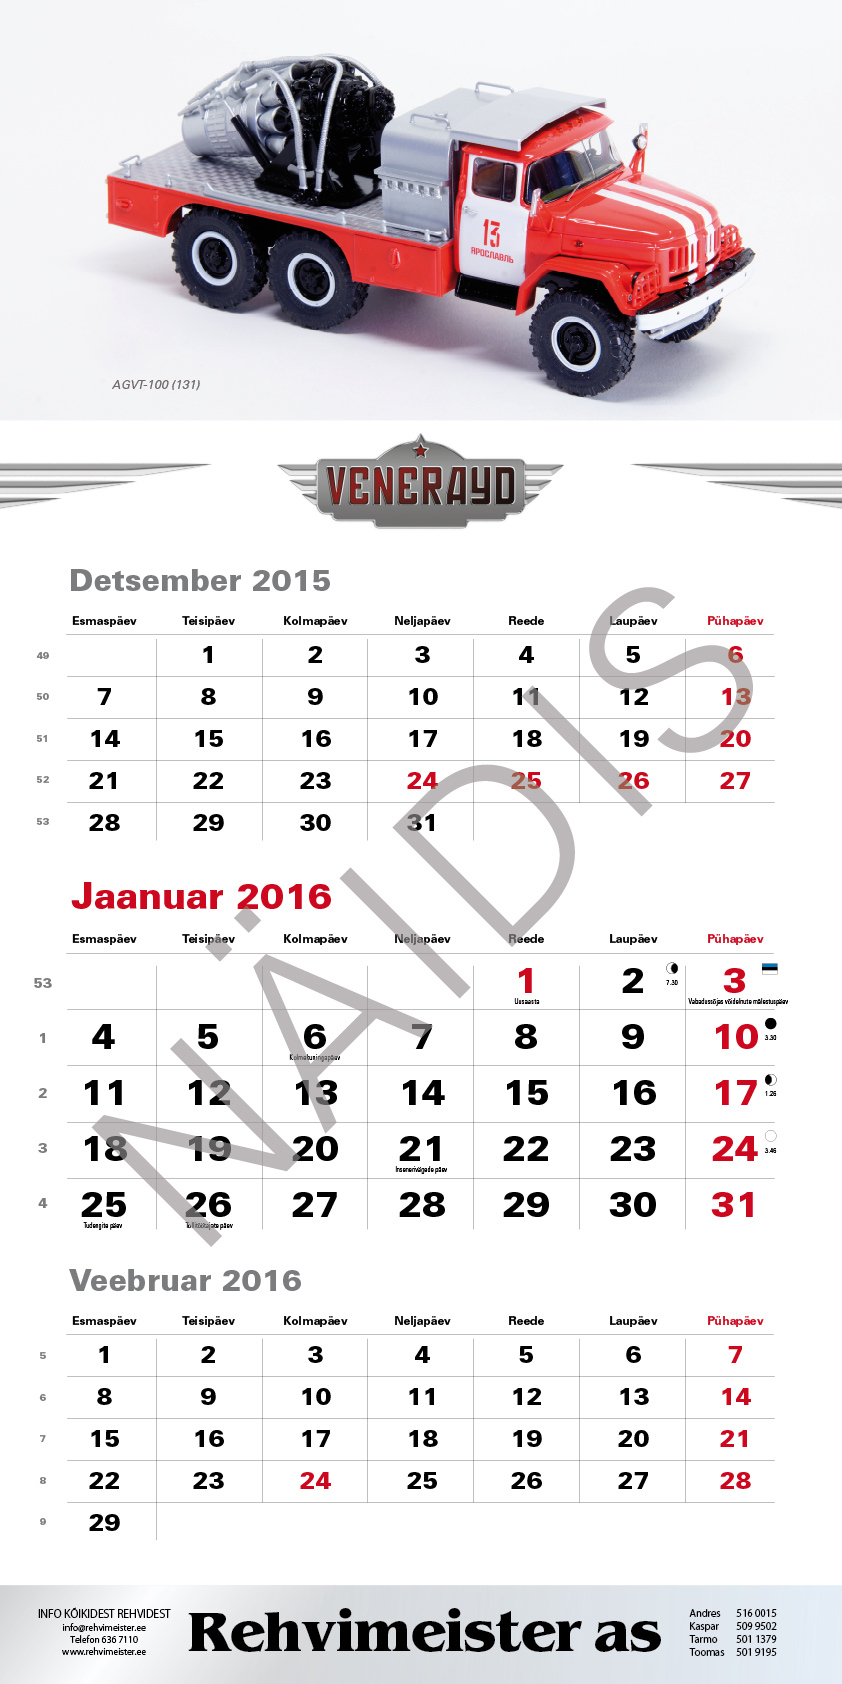 Veneraud_kalender_2016_2